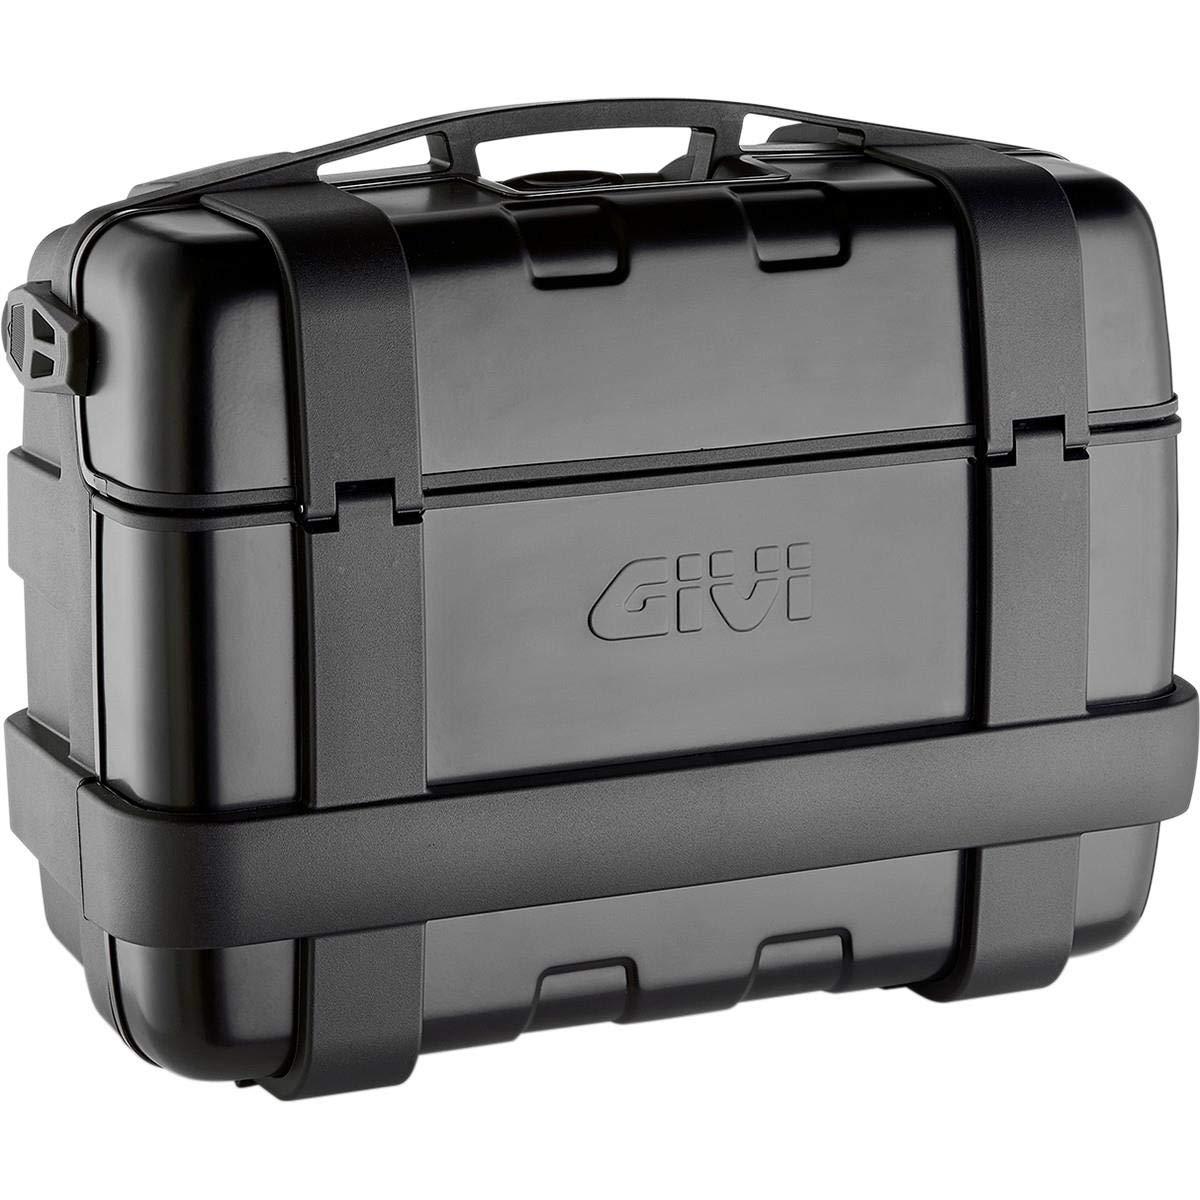 Givi TRK33B Trekker 33-Monokey Valise Couverture en Alu Noir//capacit/é Max de Chargement 10 kg